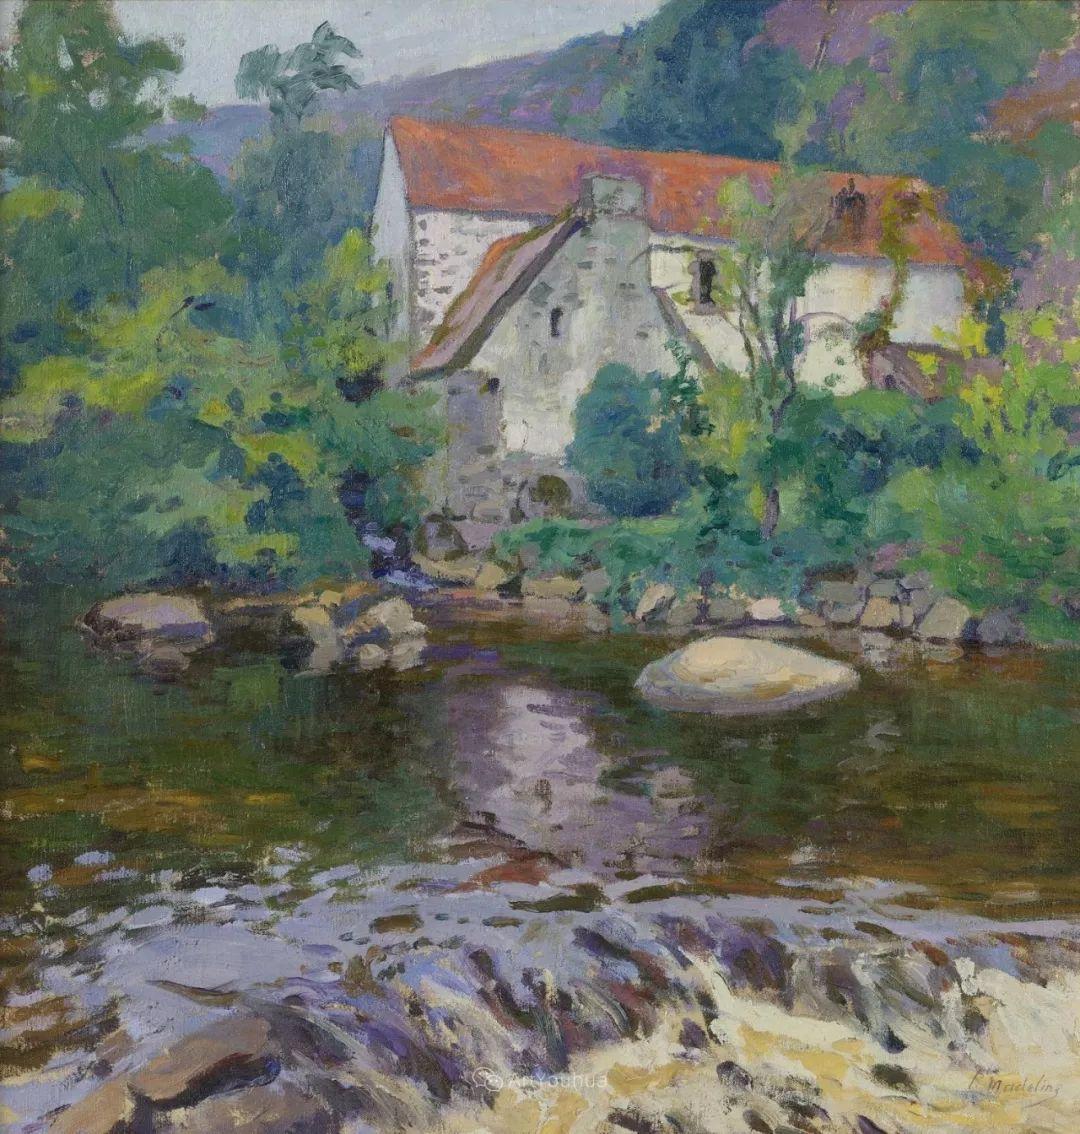 迷人的乡村风景,法国后印象派画家Paul Madeline插图5